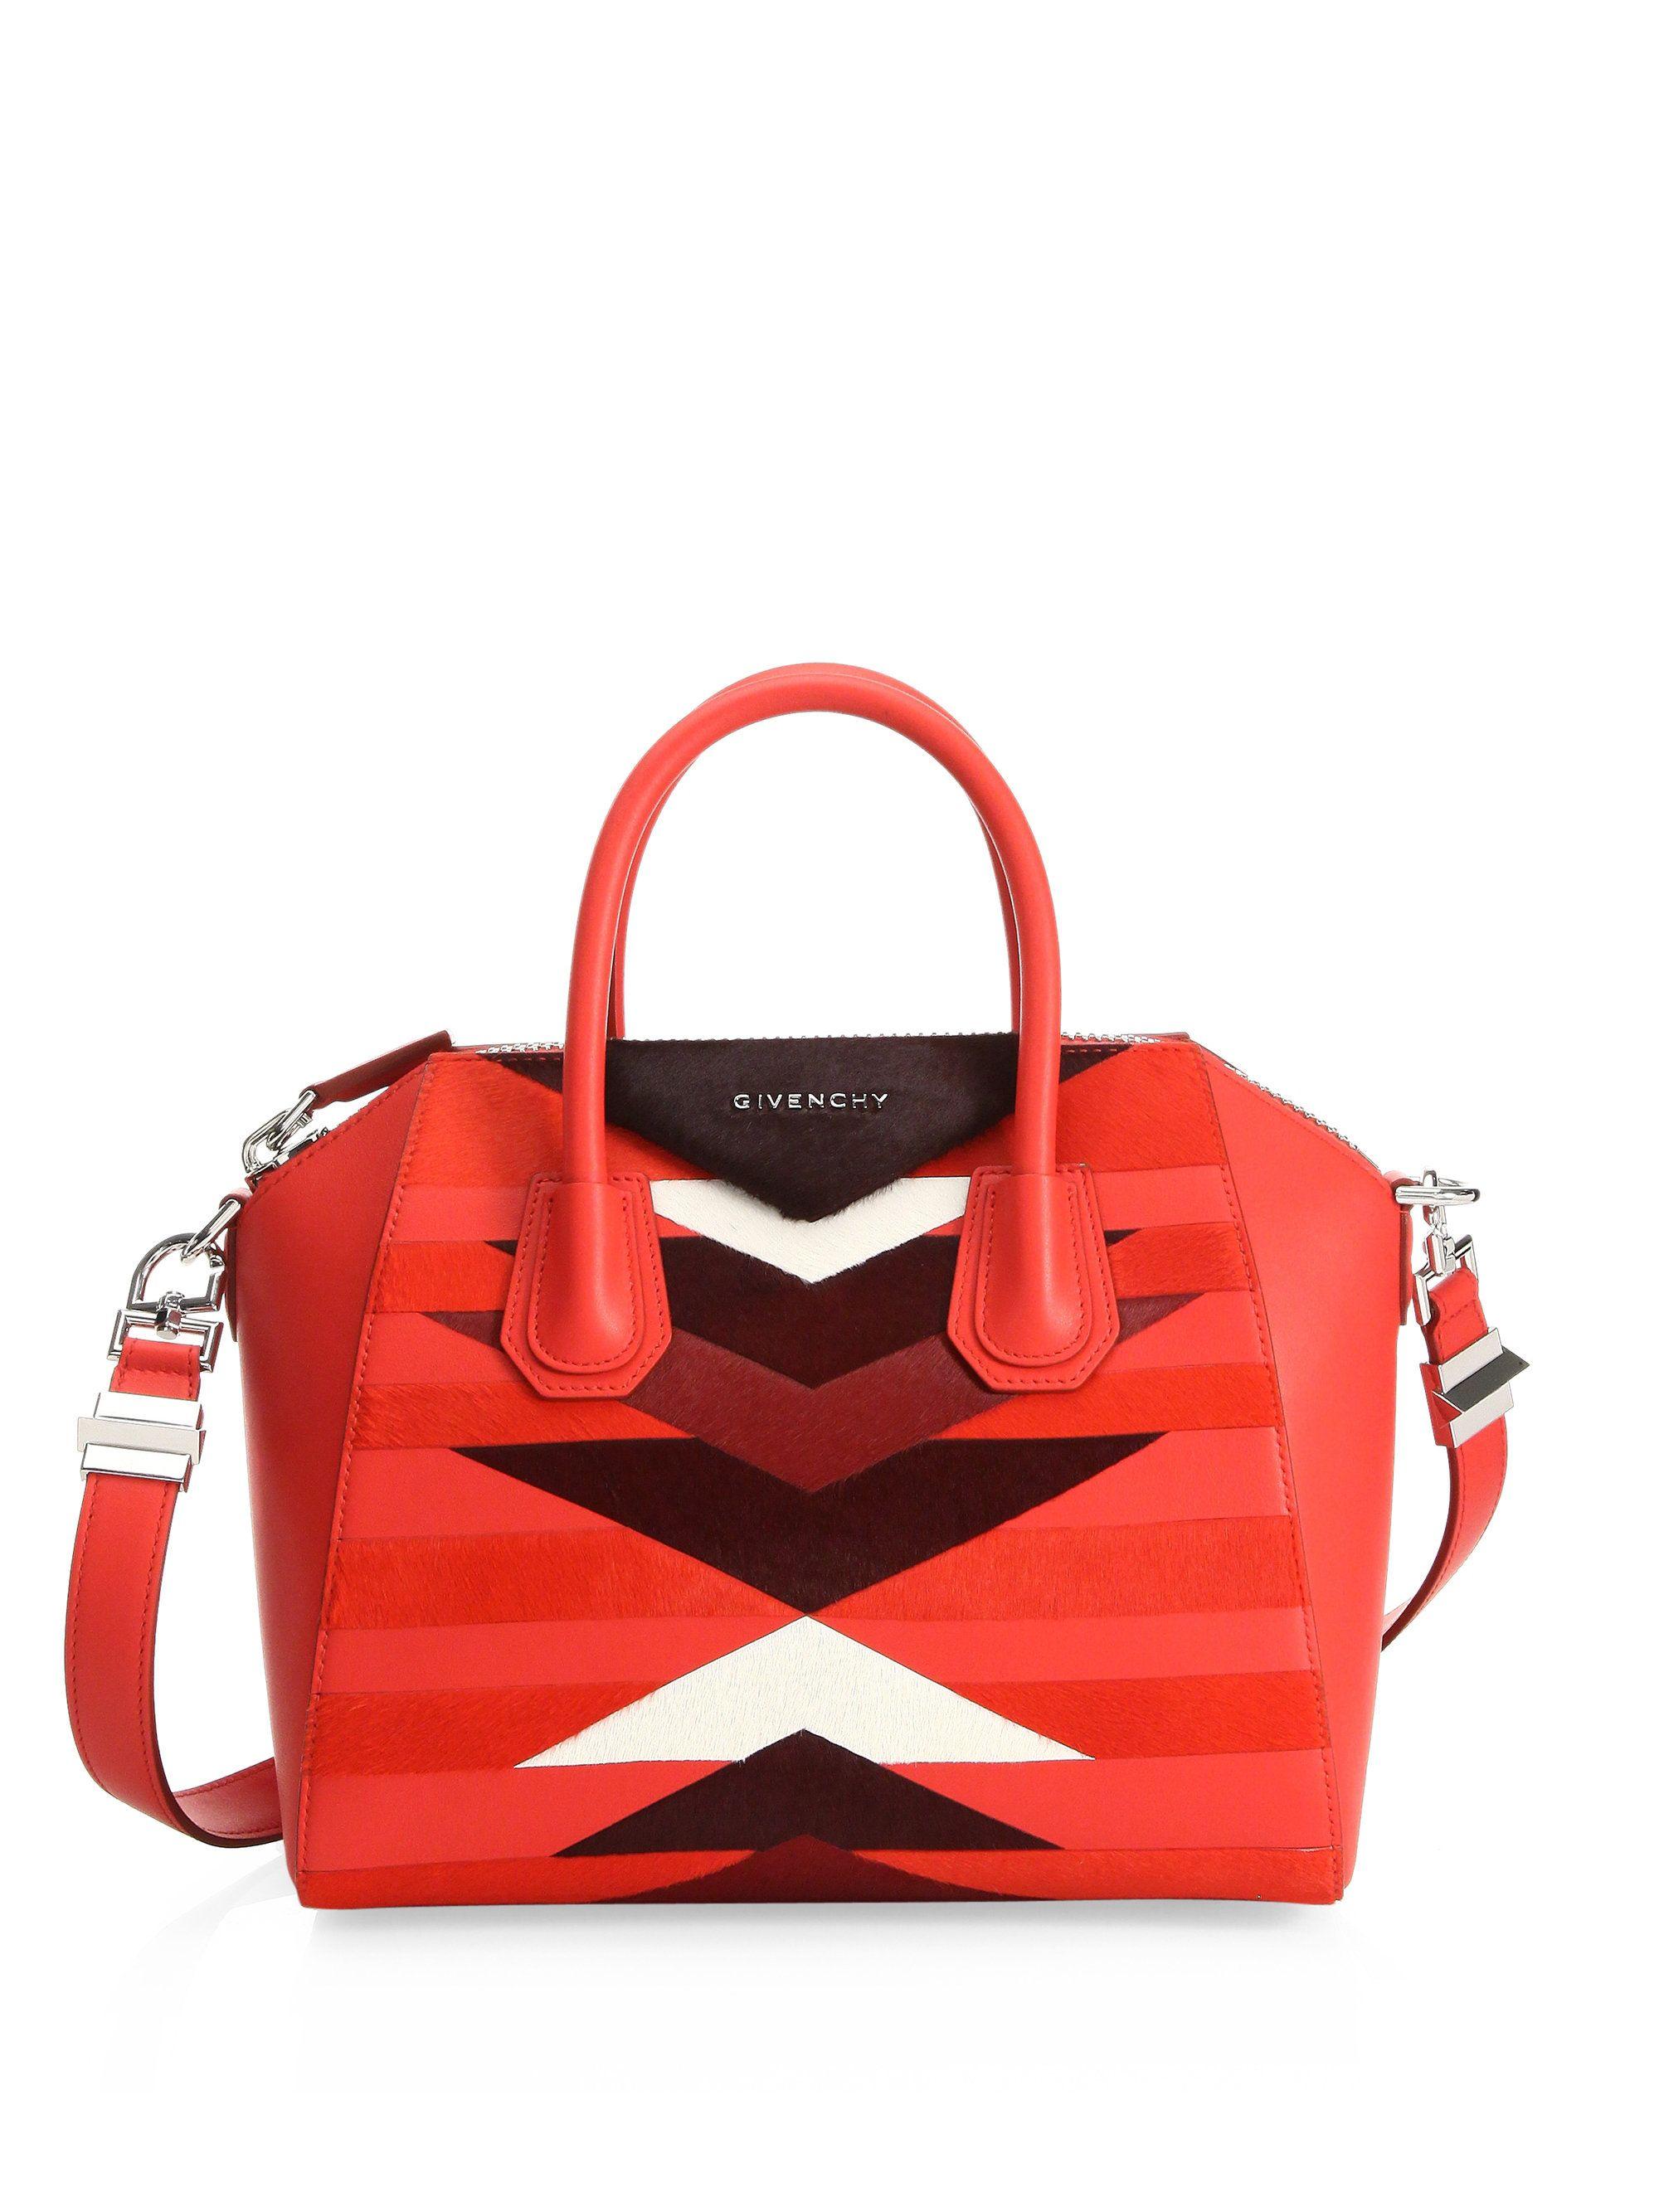 stores.saks.com heleno Givenchy Bags bbae8edc9038e